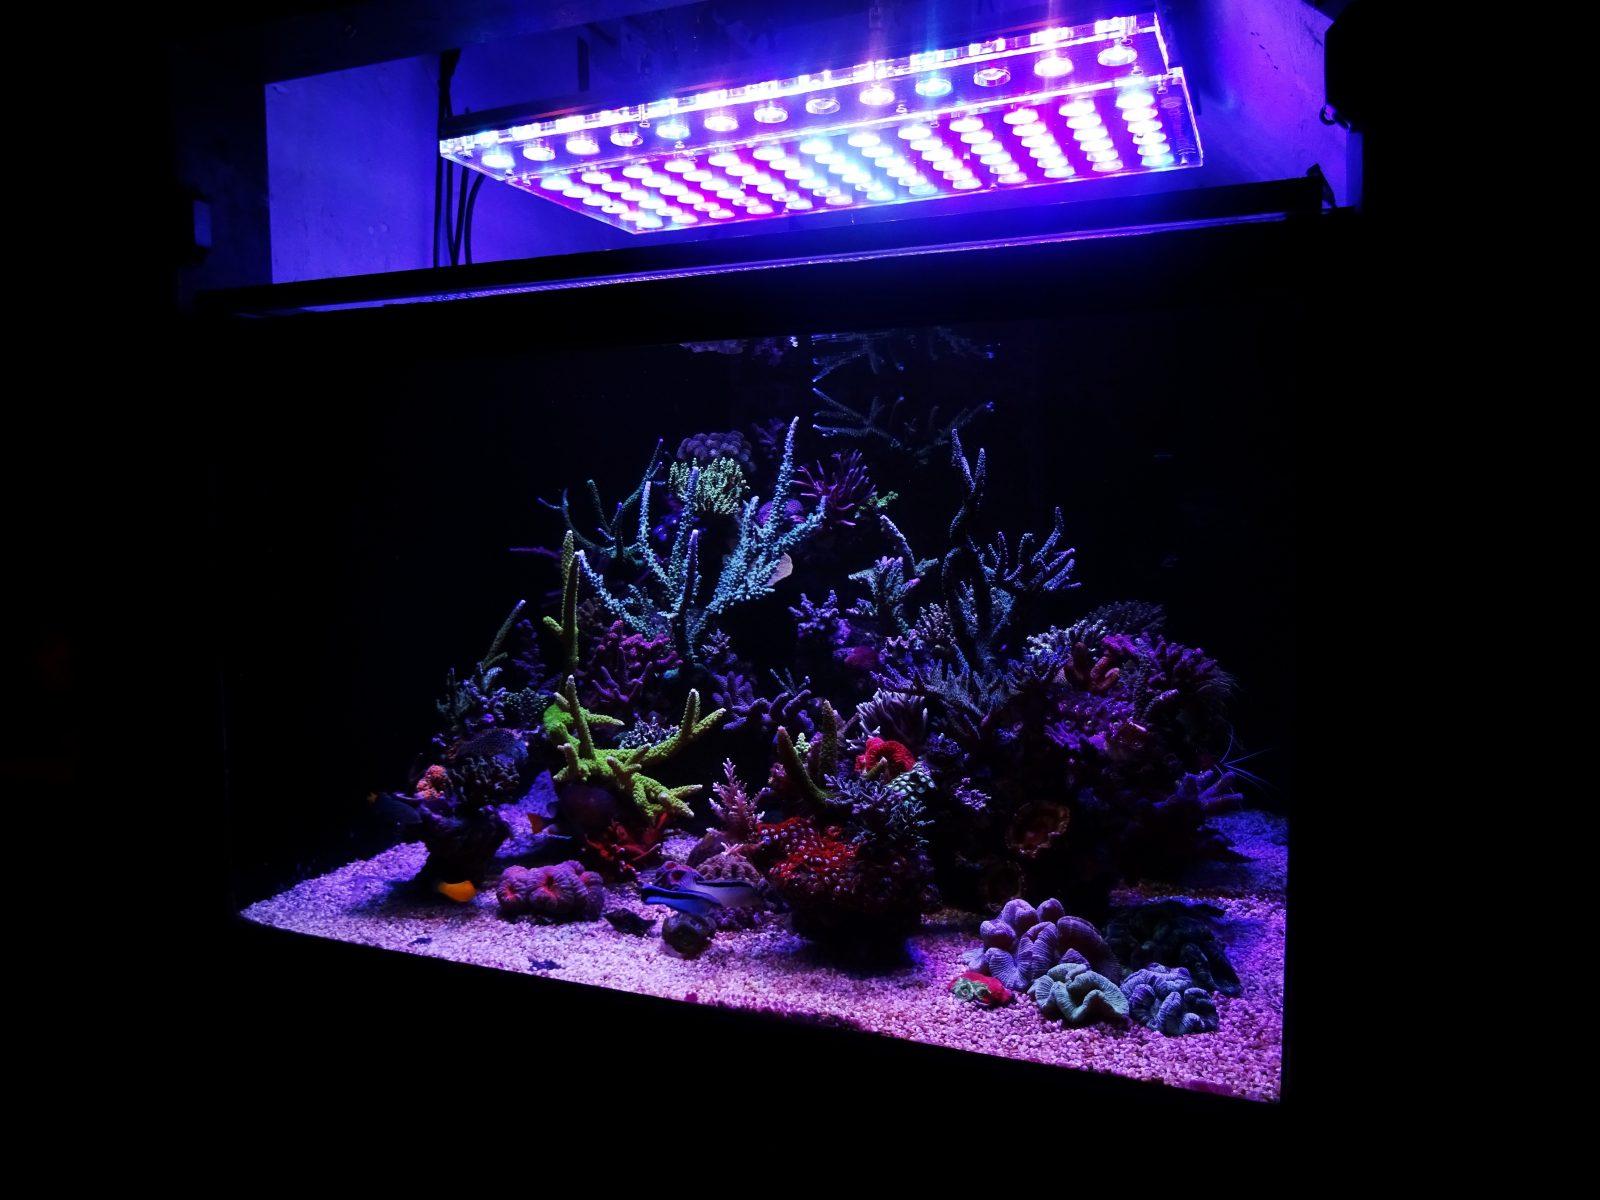 atlantik v4 est sans aucun doute le meilleur luminaire led orphek. Black Bedroom Furniture Sets. Home Design Ideas